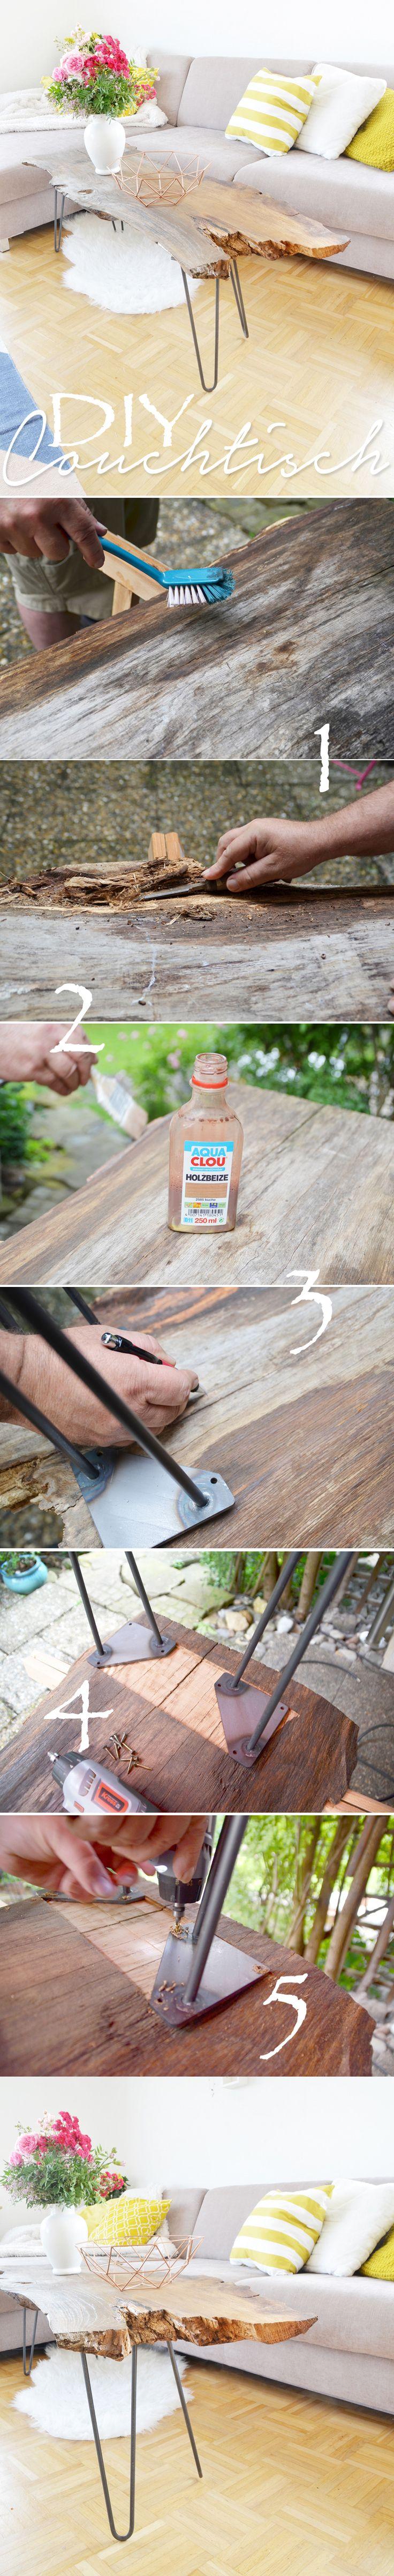 Einfache möbel selber bauen  Die besten 25+ Selbstgemachte couchtische Ideen auf Pinterest ...